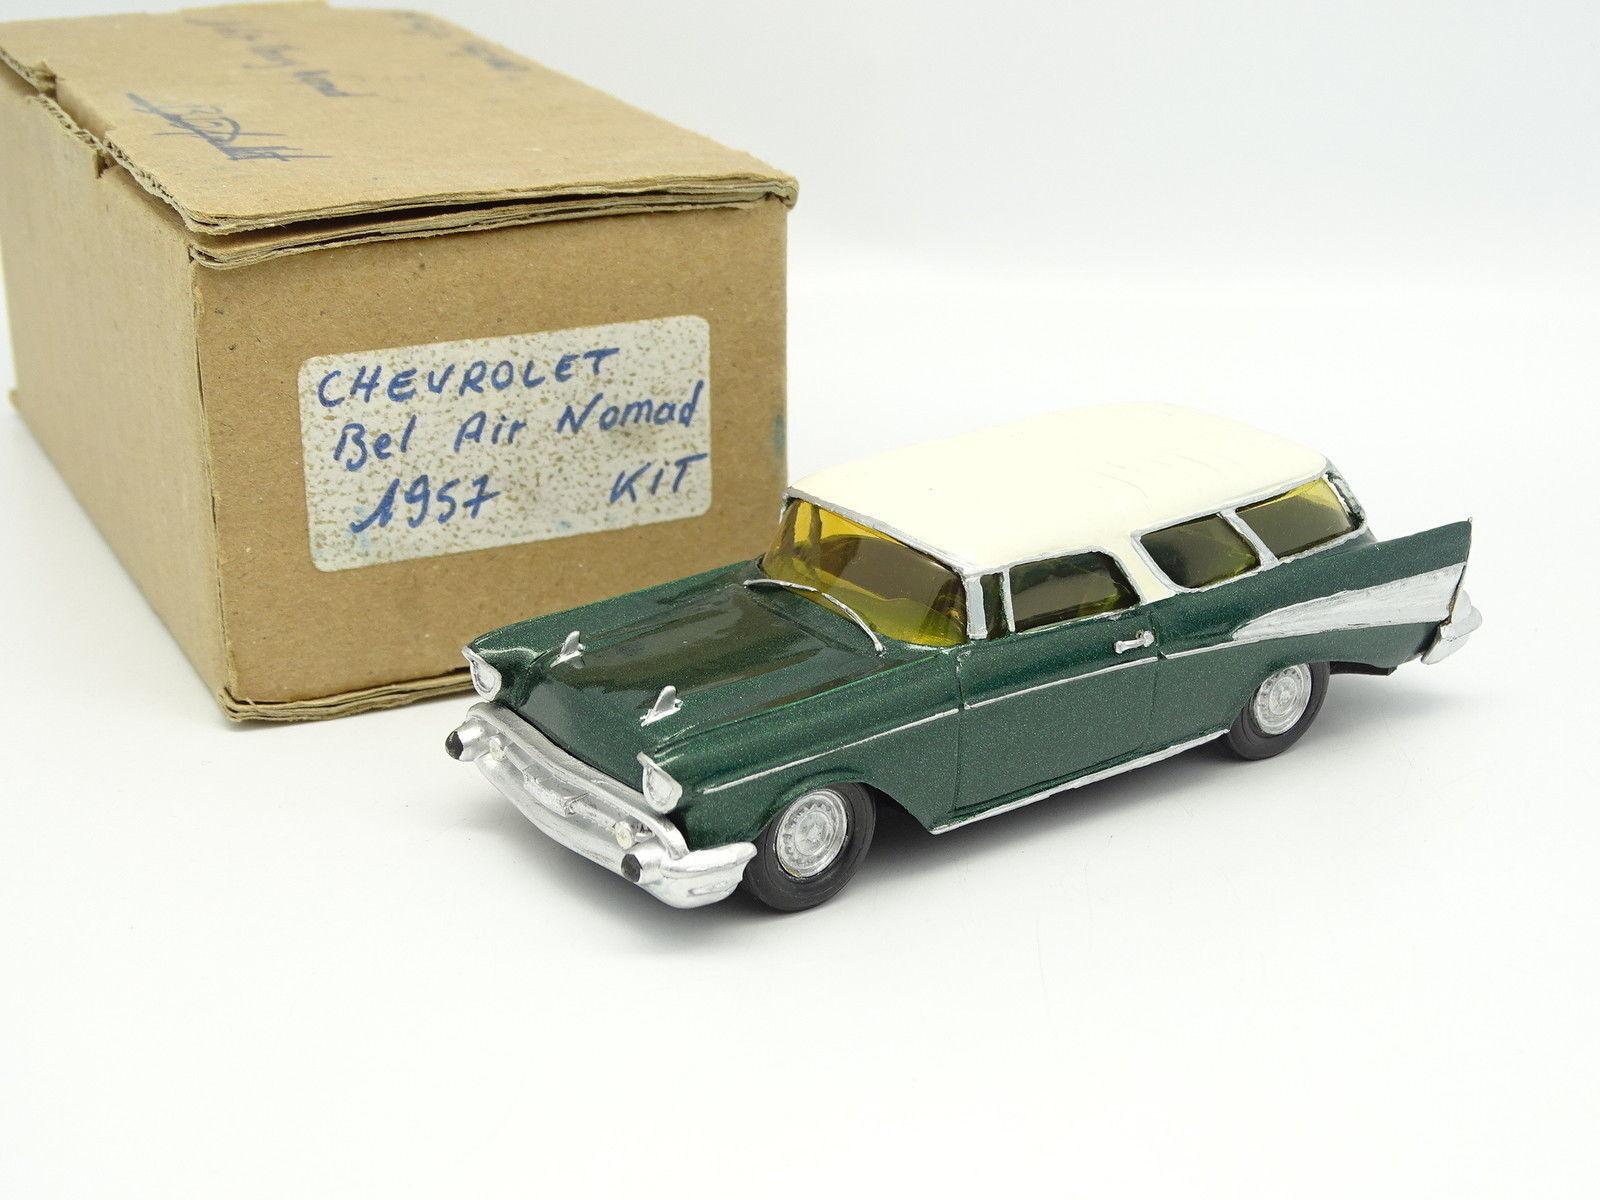 BD Mini Auto Kit Monté 1 43 - Chevrolet Bel Air Nomad 1957 Verte